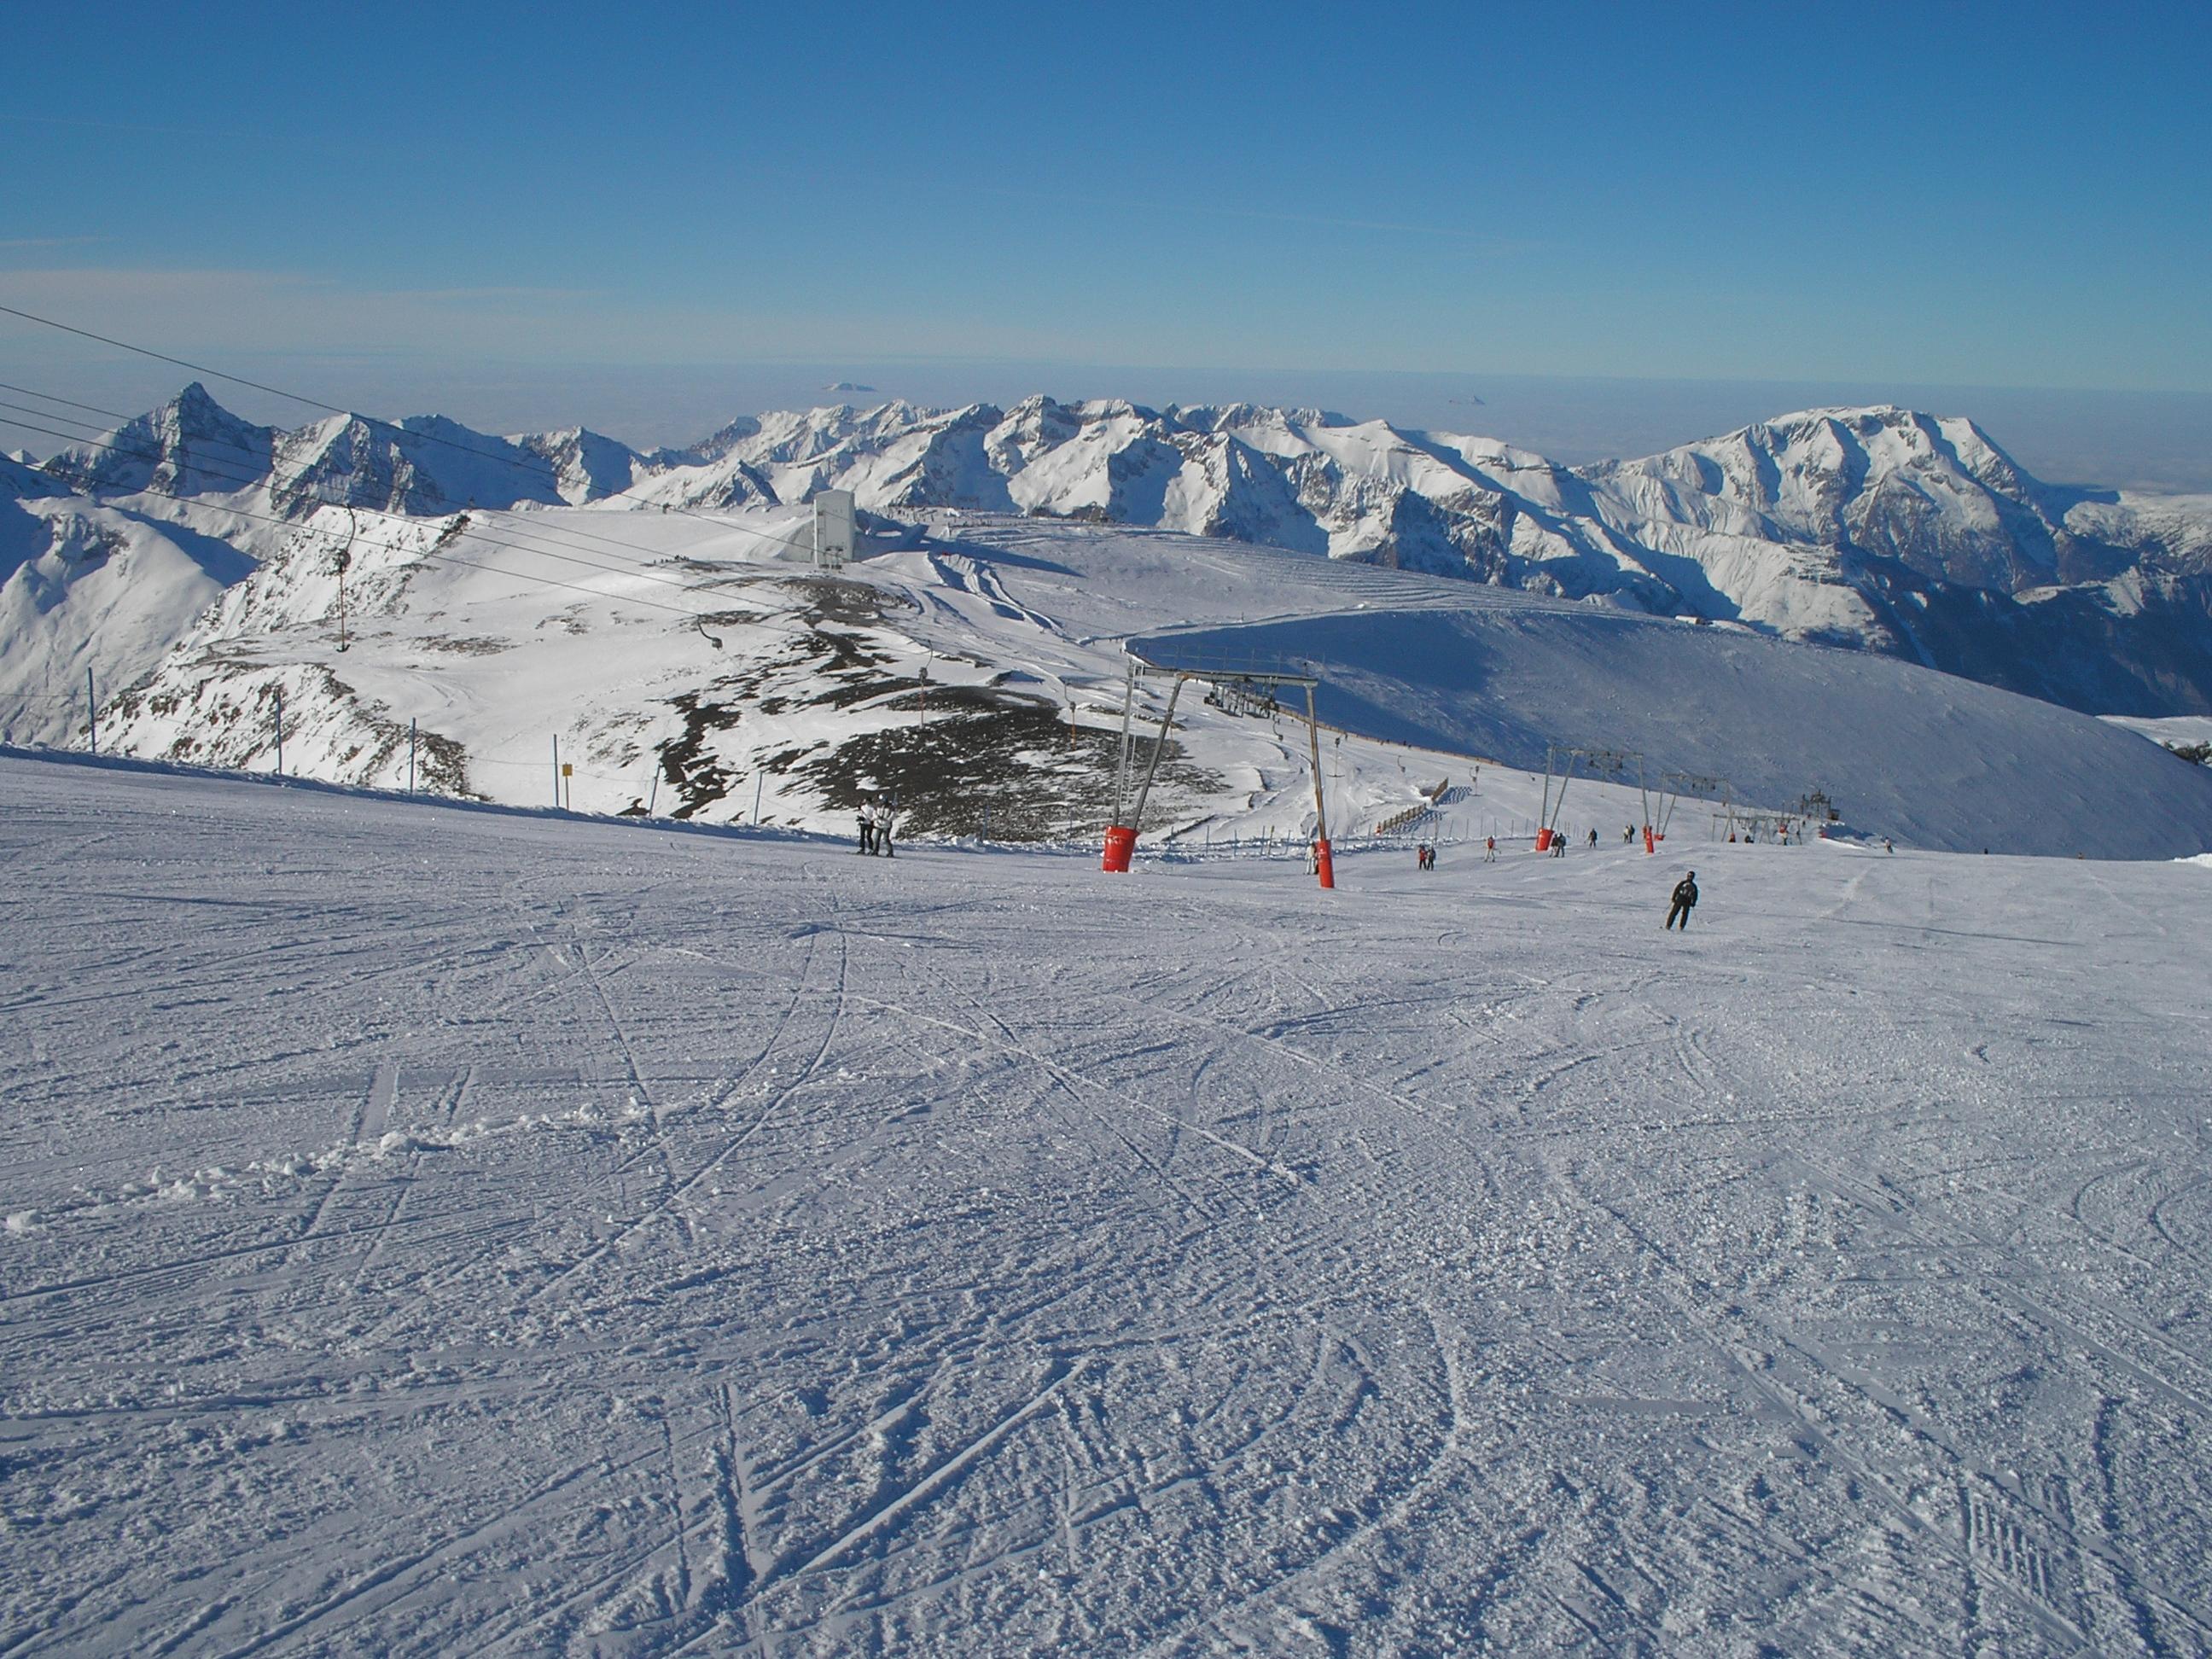 Les Deux Alpes 1 January 2011, Dôme de la Lauze (3.568 m)